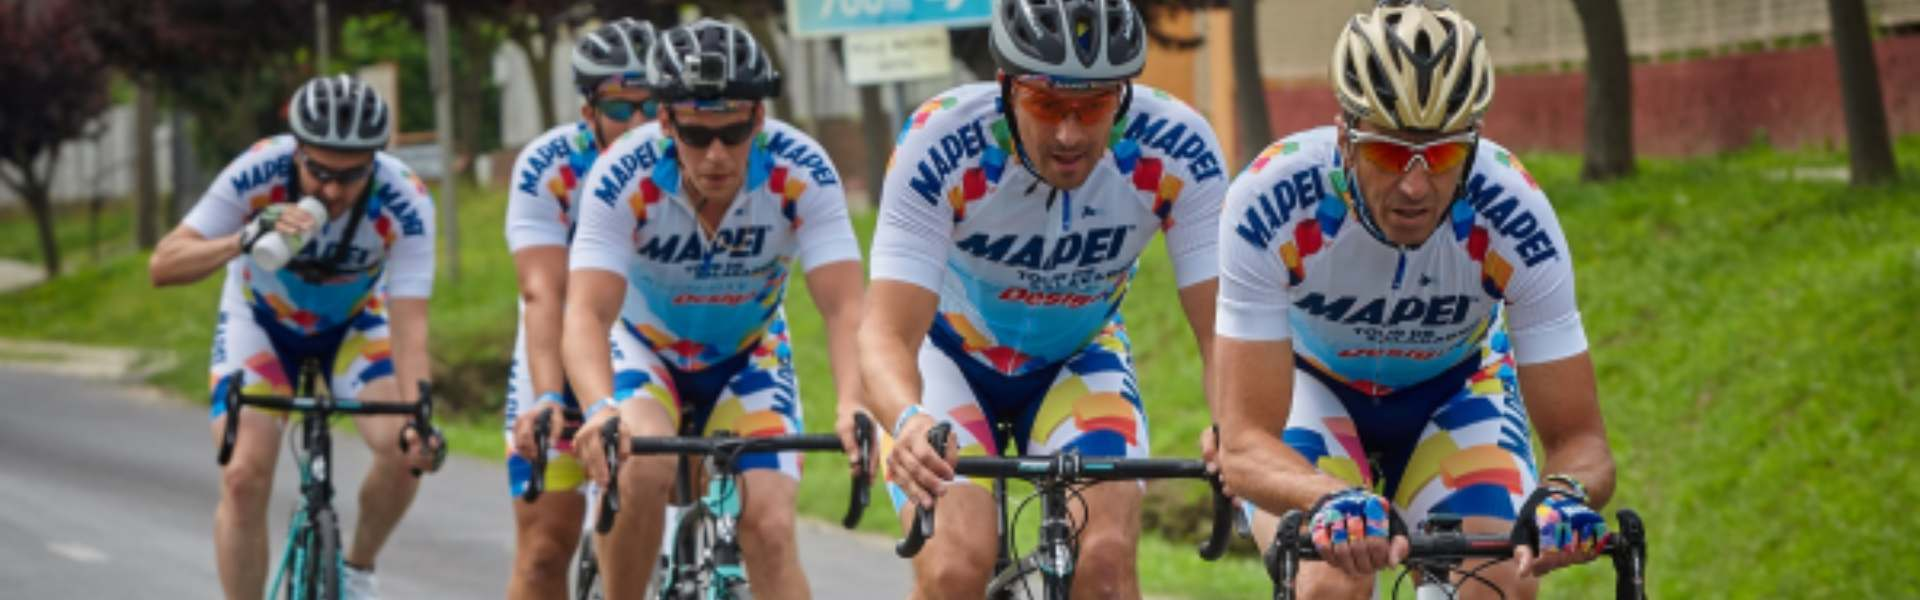 Tour de Zalakaros 2020.